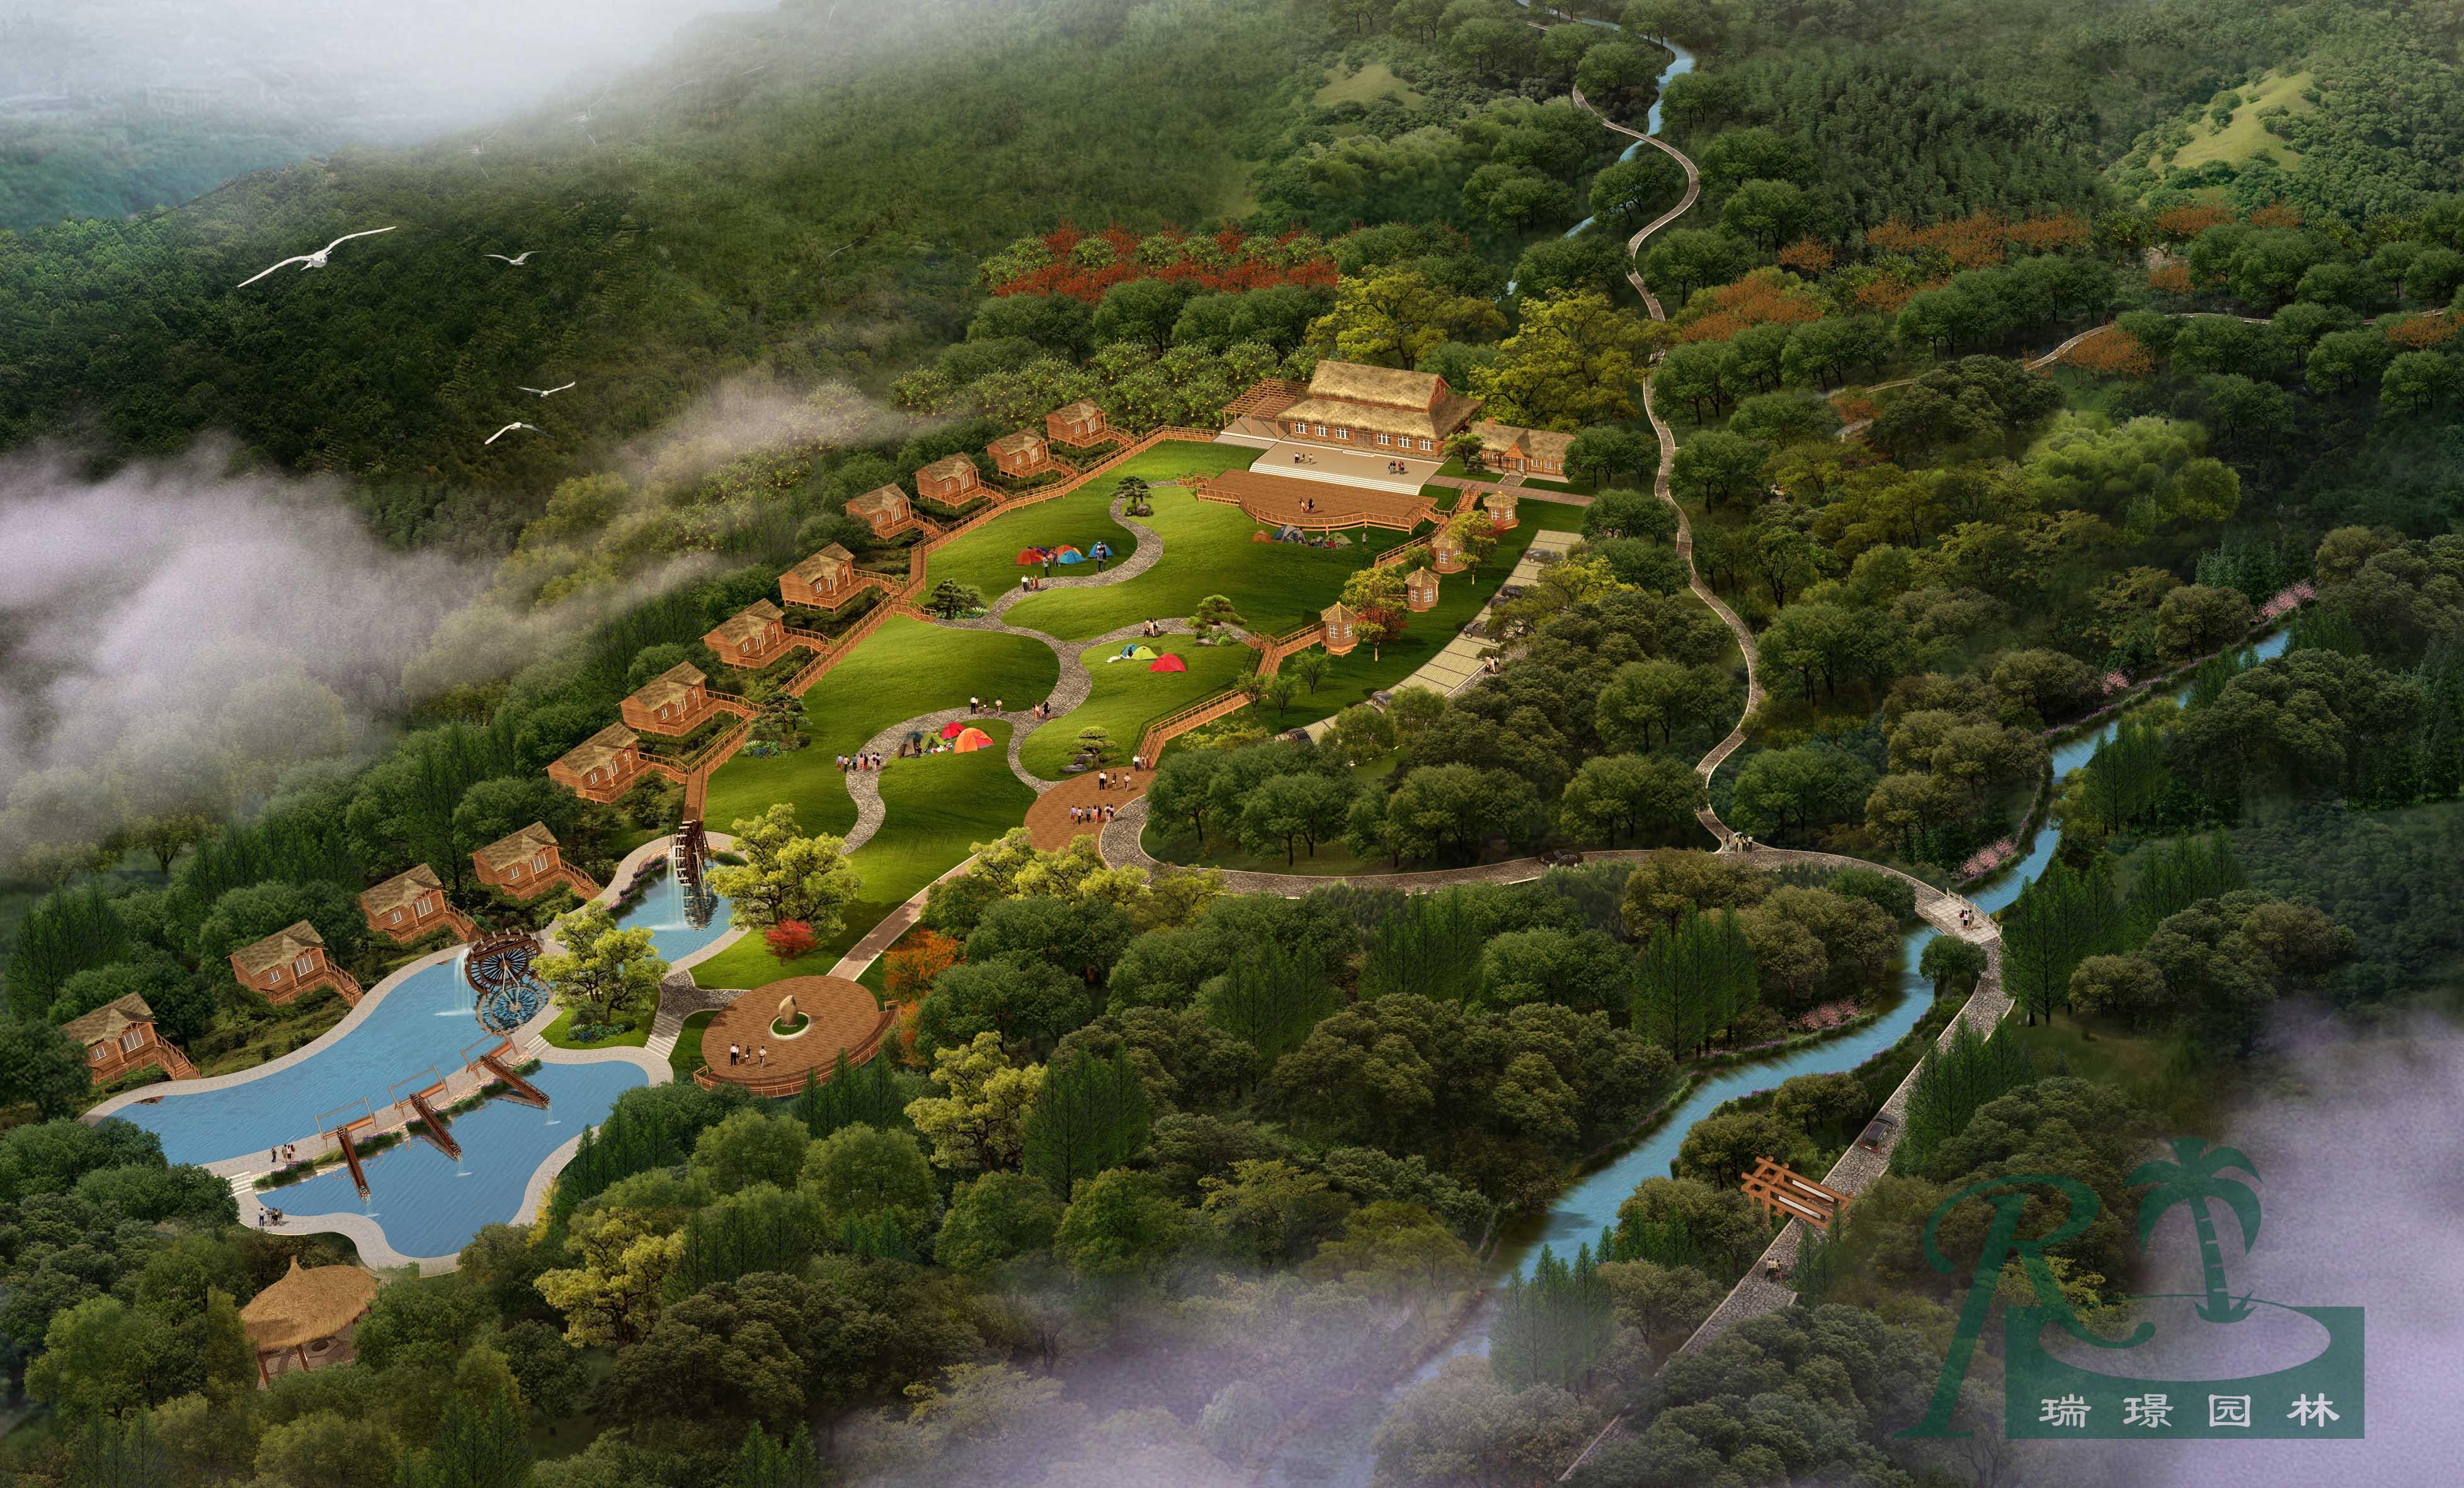 乡村俱乐部鸟瞰图项目规模:28000平方米项...